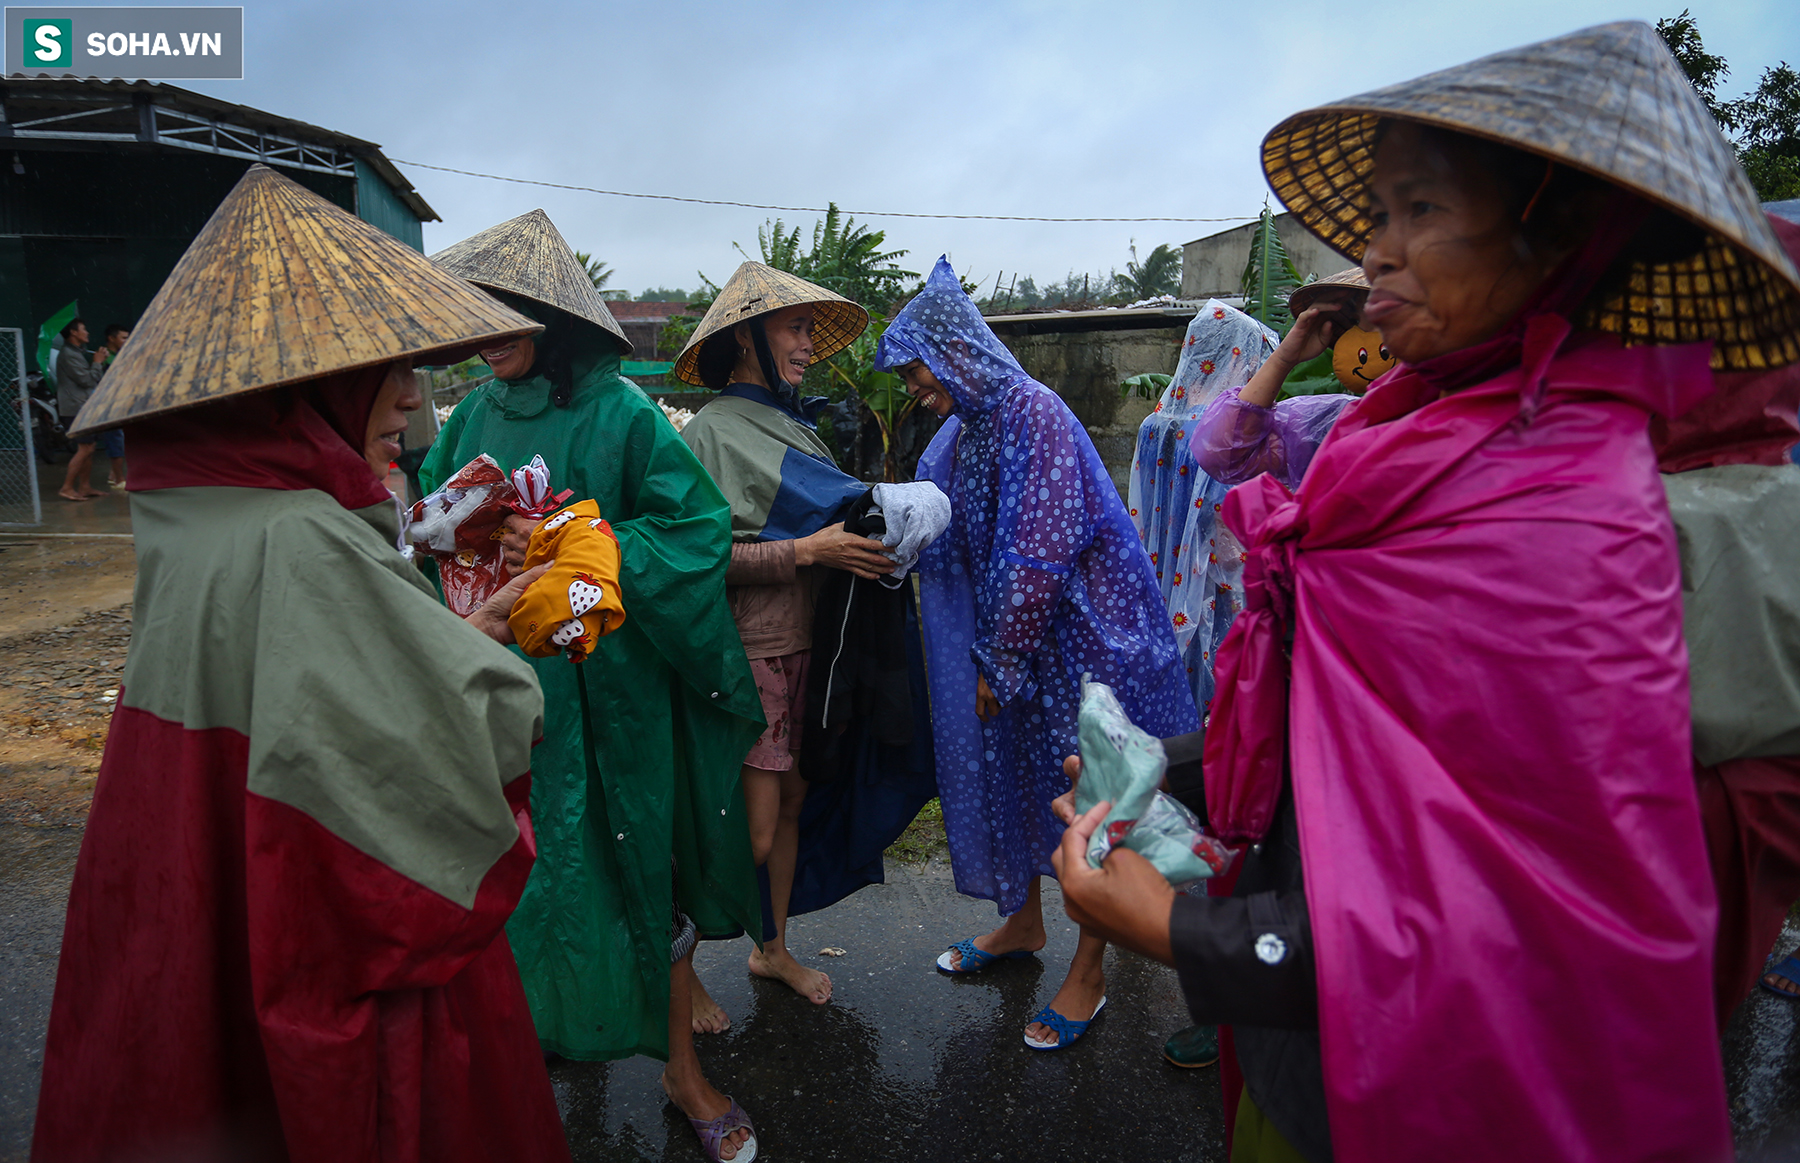 [Ảnh] Người phụ nữ ở Quảng Bình lao ra dòng nước lũ xin đồ ăn cho mẹ già bật khóc khi được cứu hộ khỏi ghe lật  - Ảnh 9.